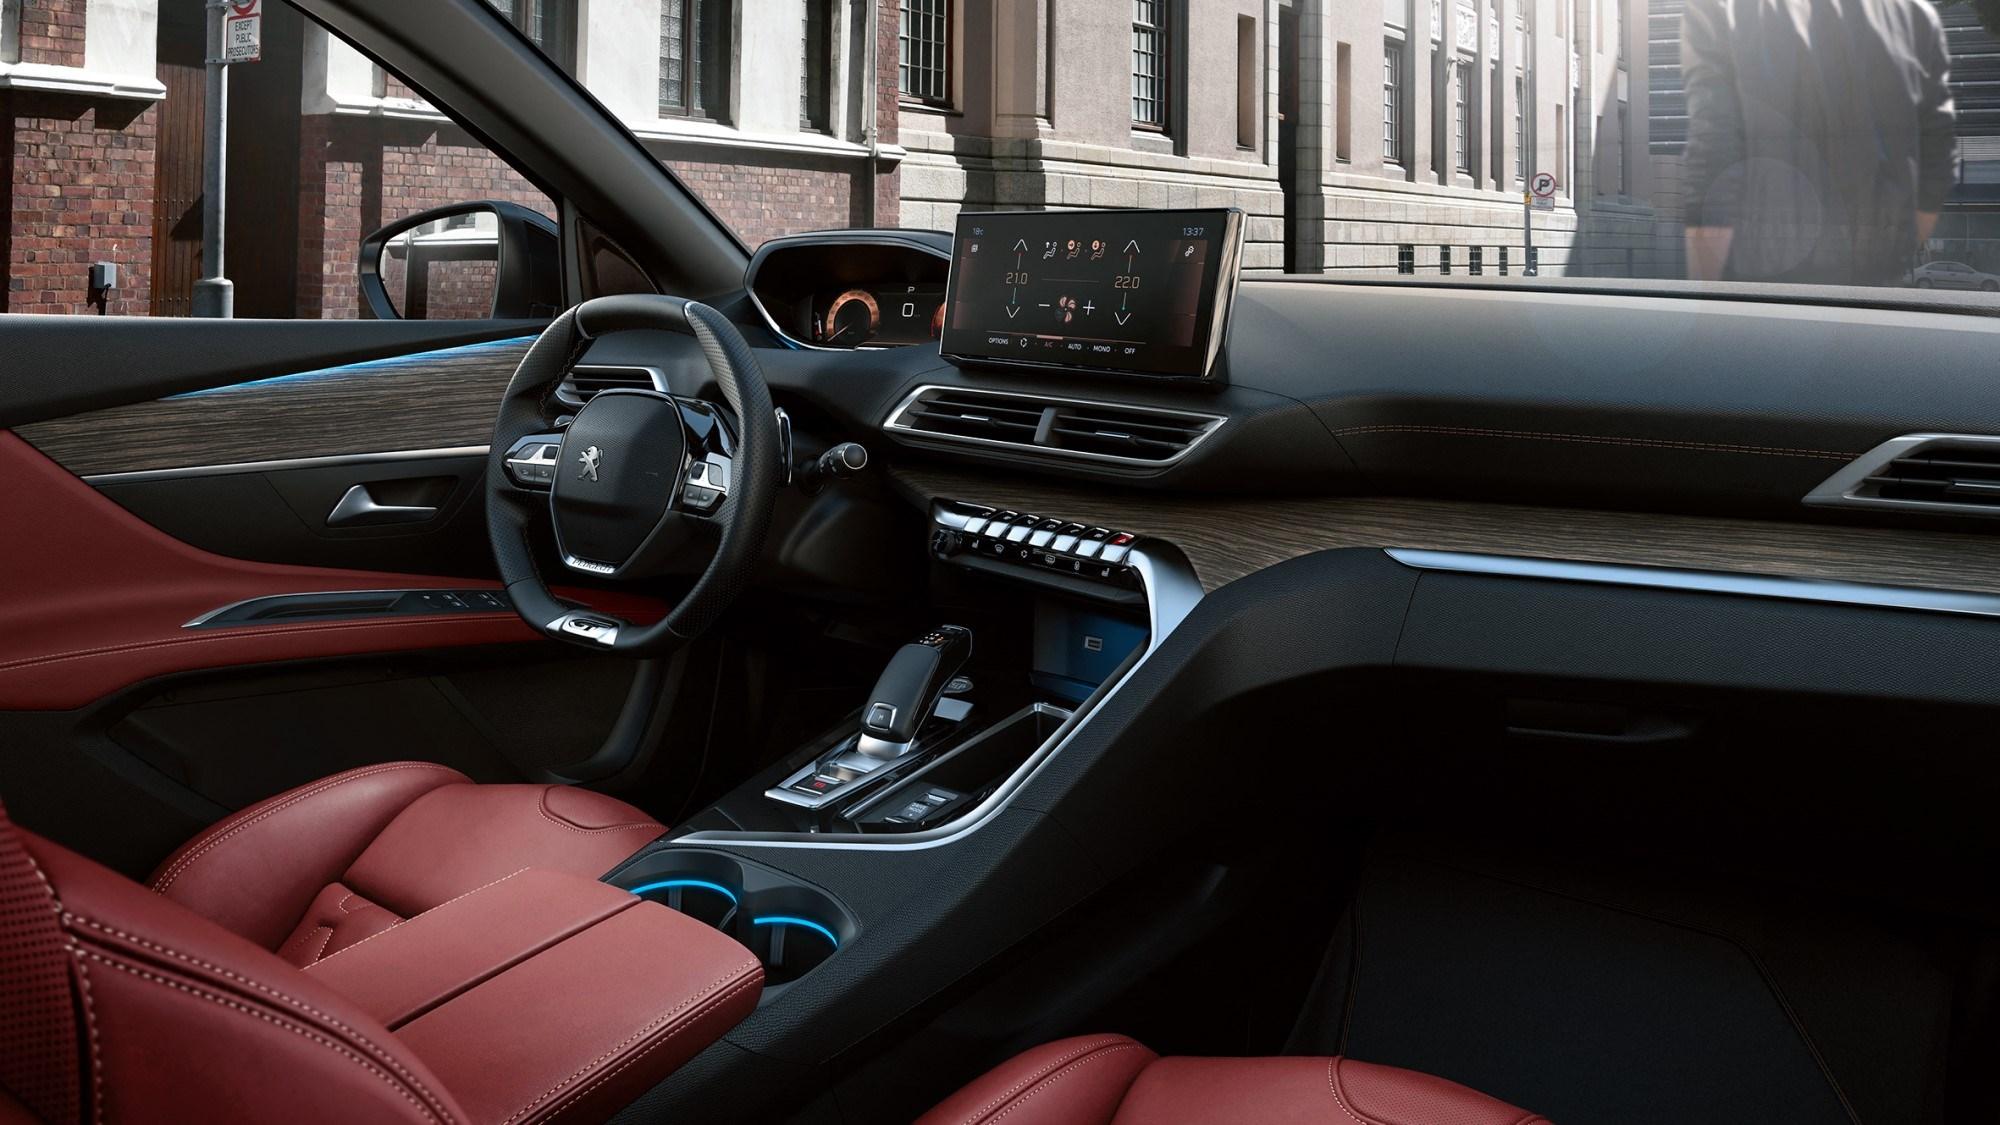 2020 Peugeot 3008 - interior